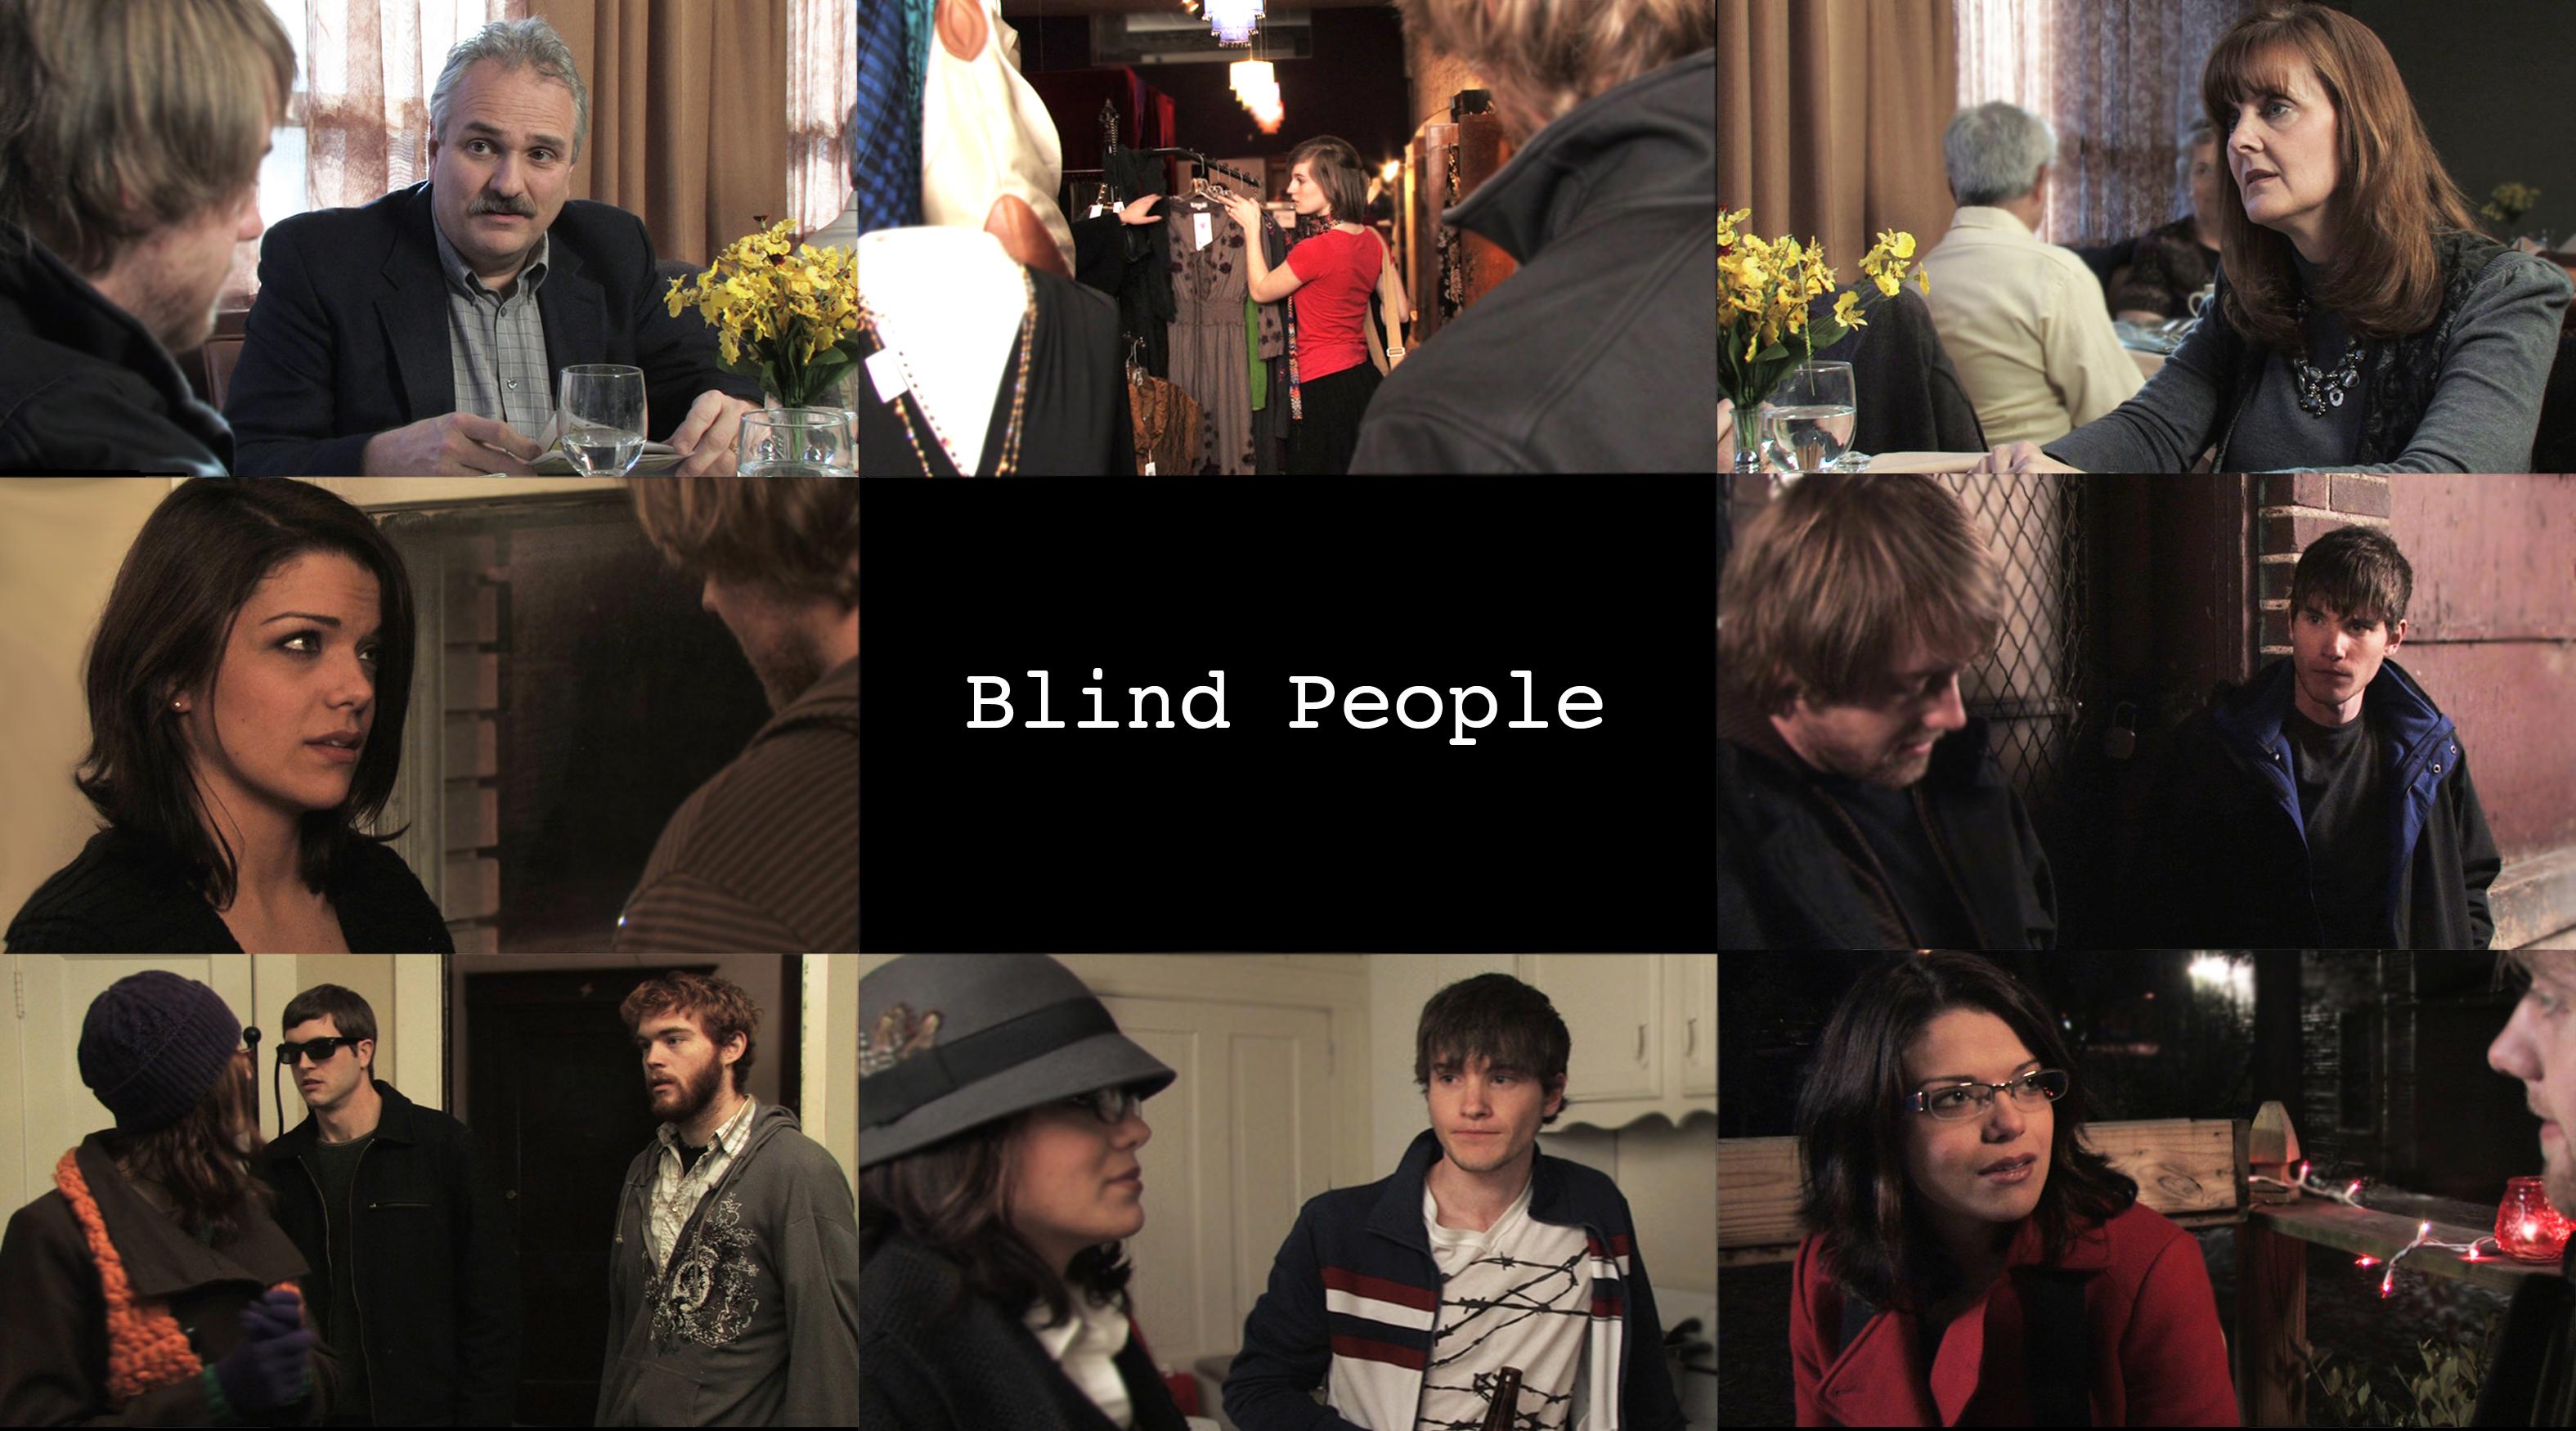 blind people jokes - HD3150×1750